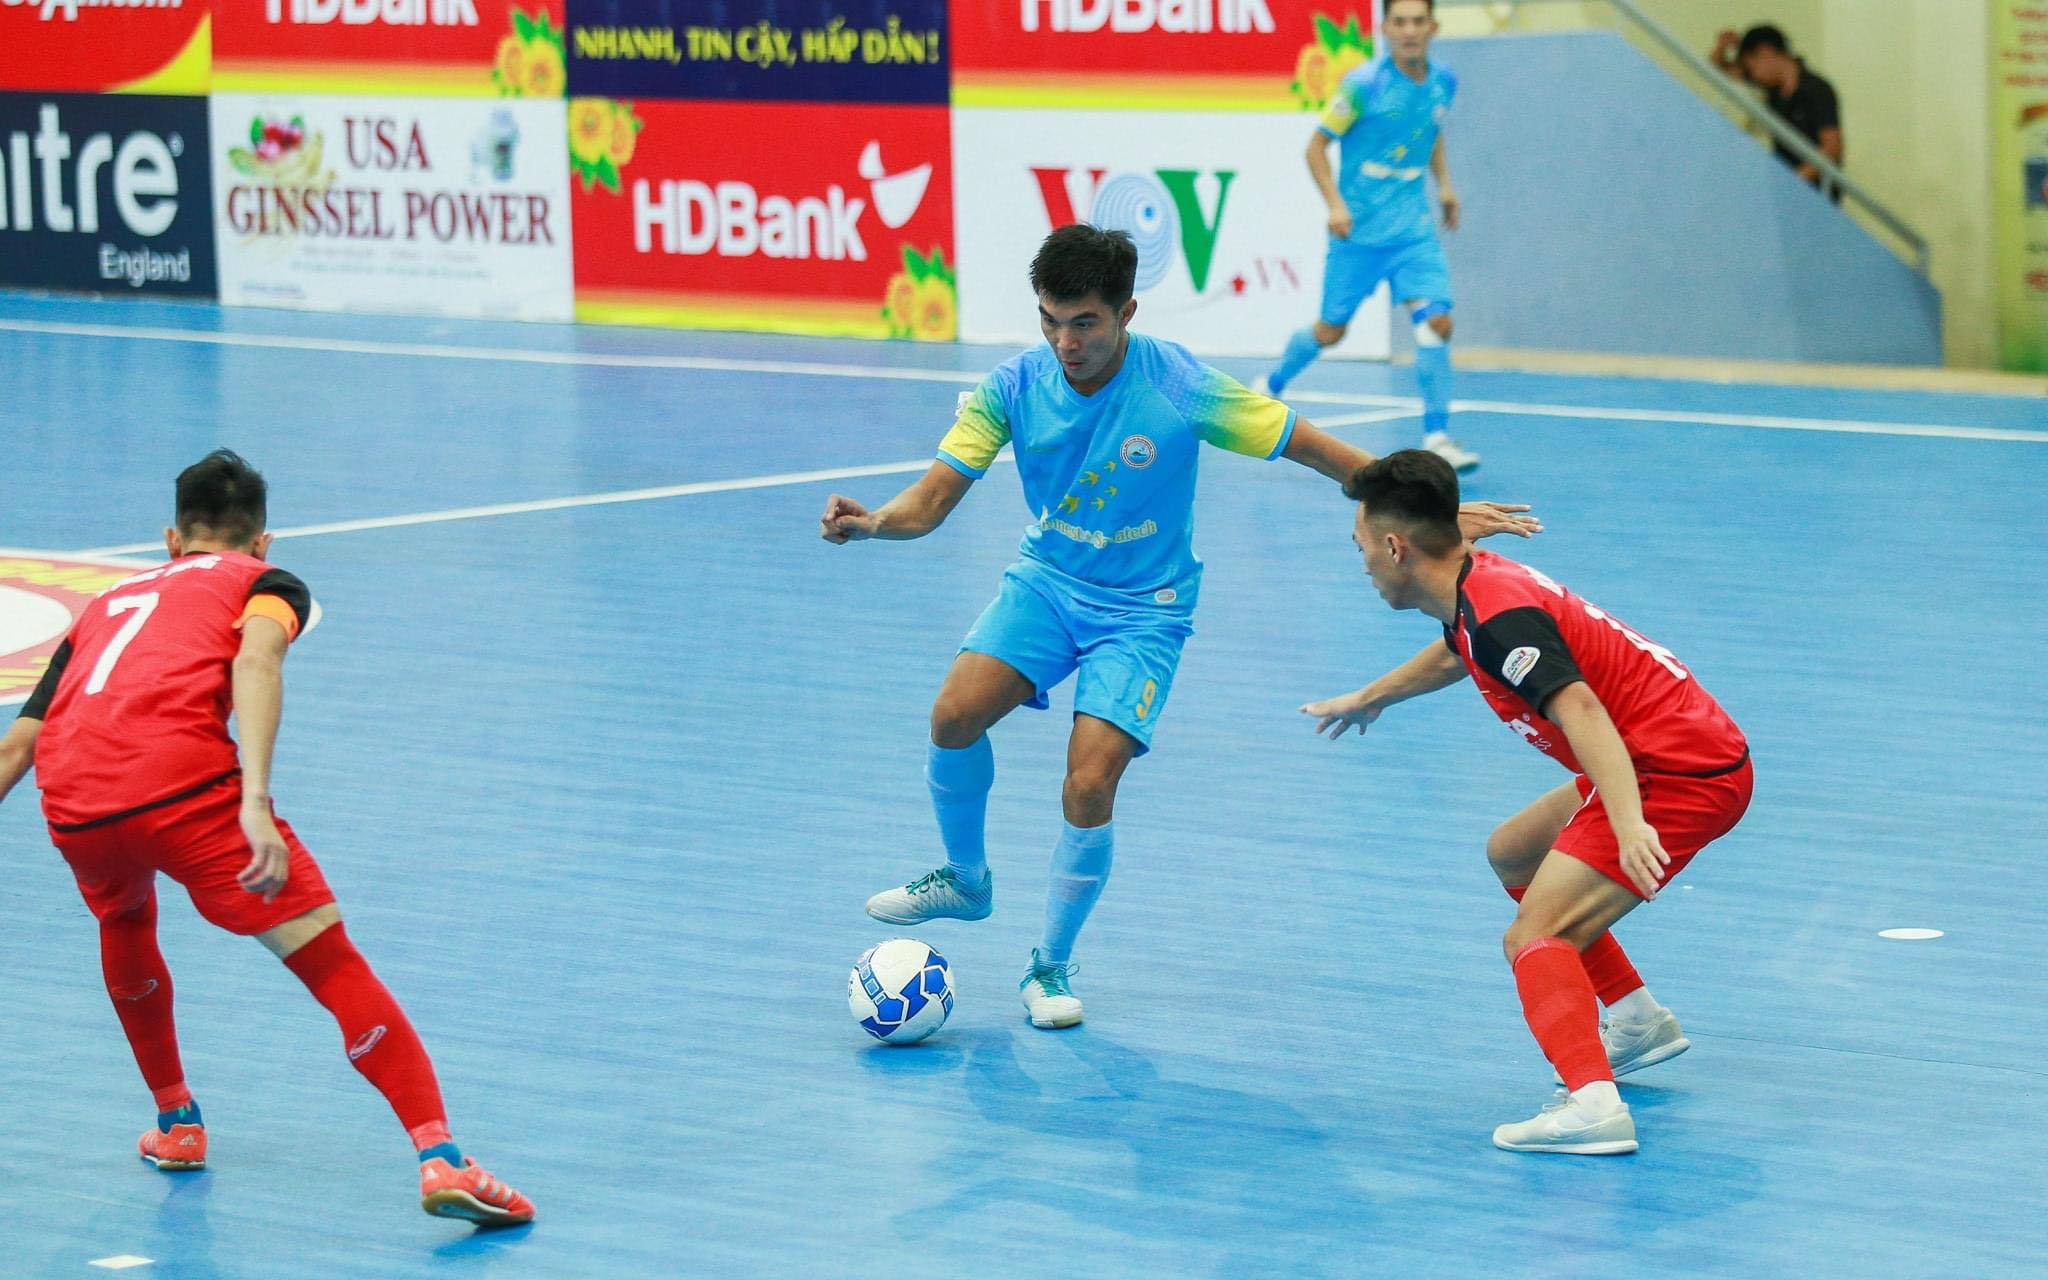 Hình ảnh: Cựu cầu thủ Futsal Nguyễn Phúc: Ươm mầm tài năng trẻ số 1